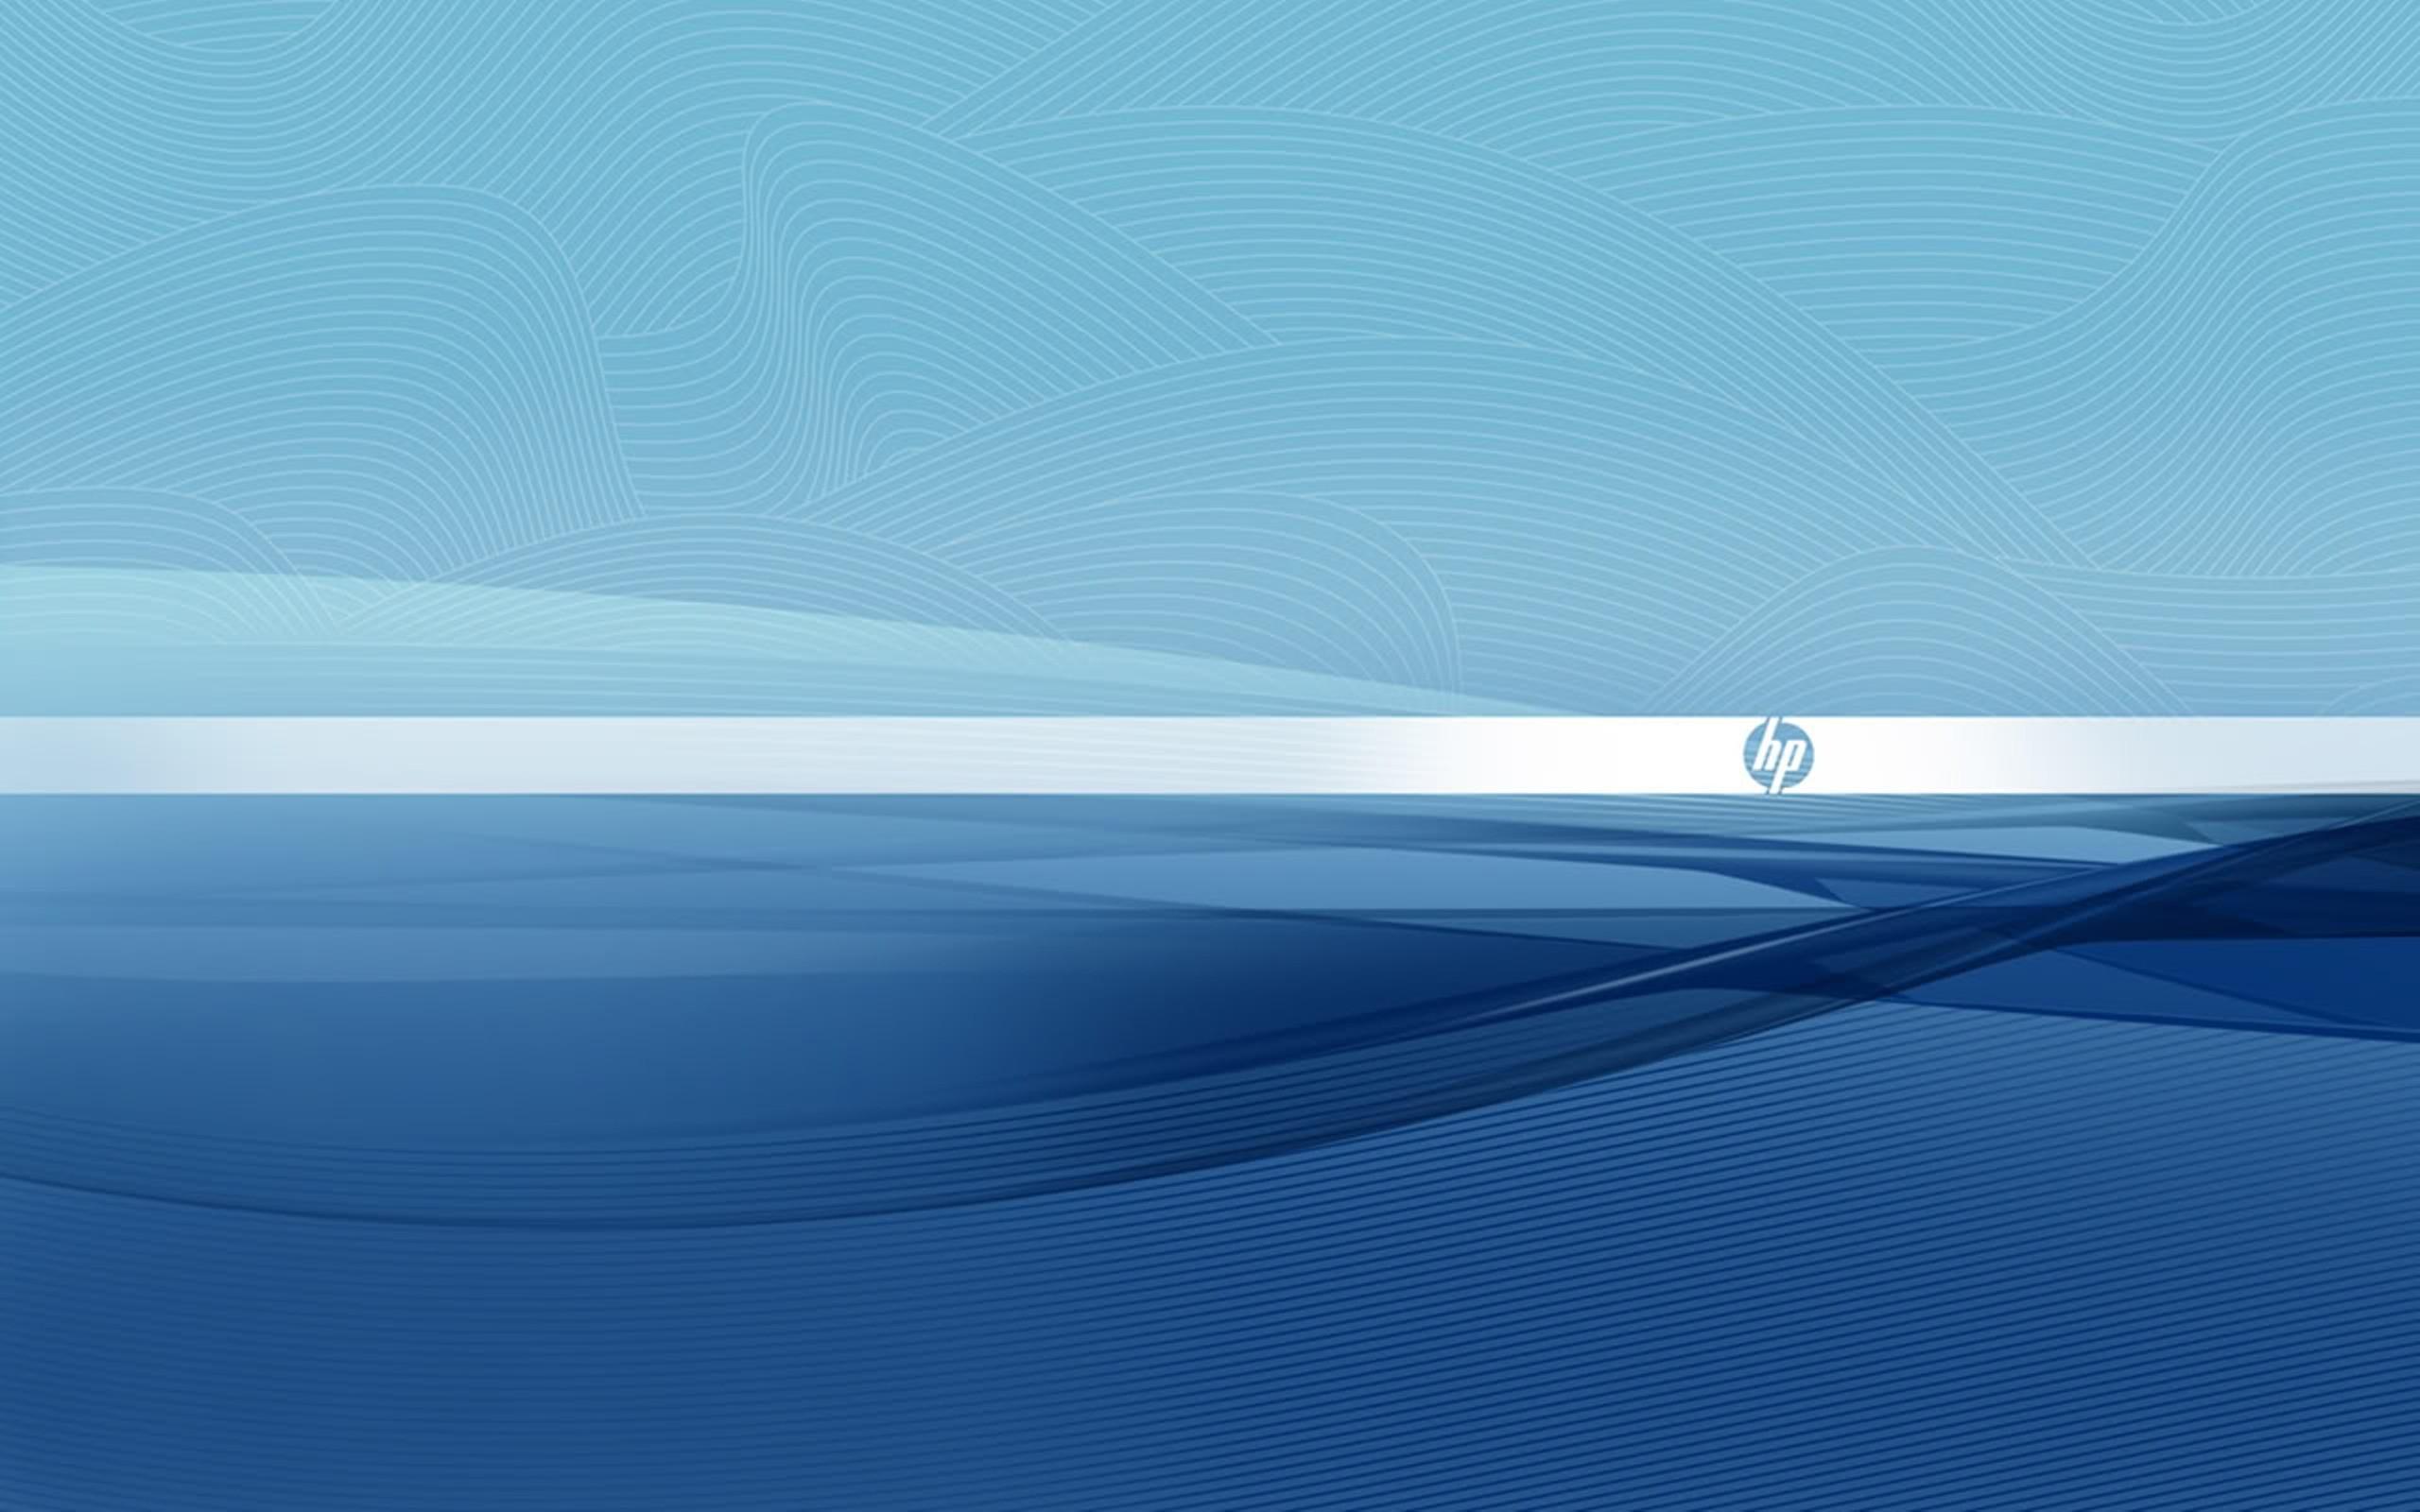 Desktop Wallpaper Hp High Definition